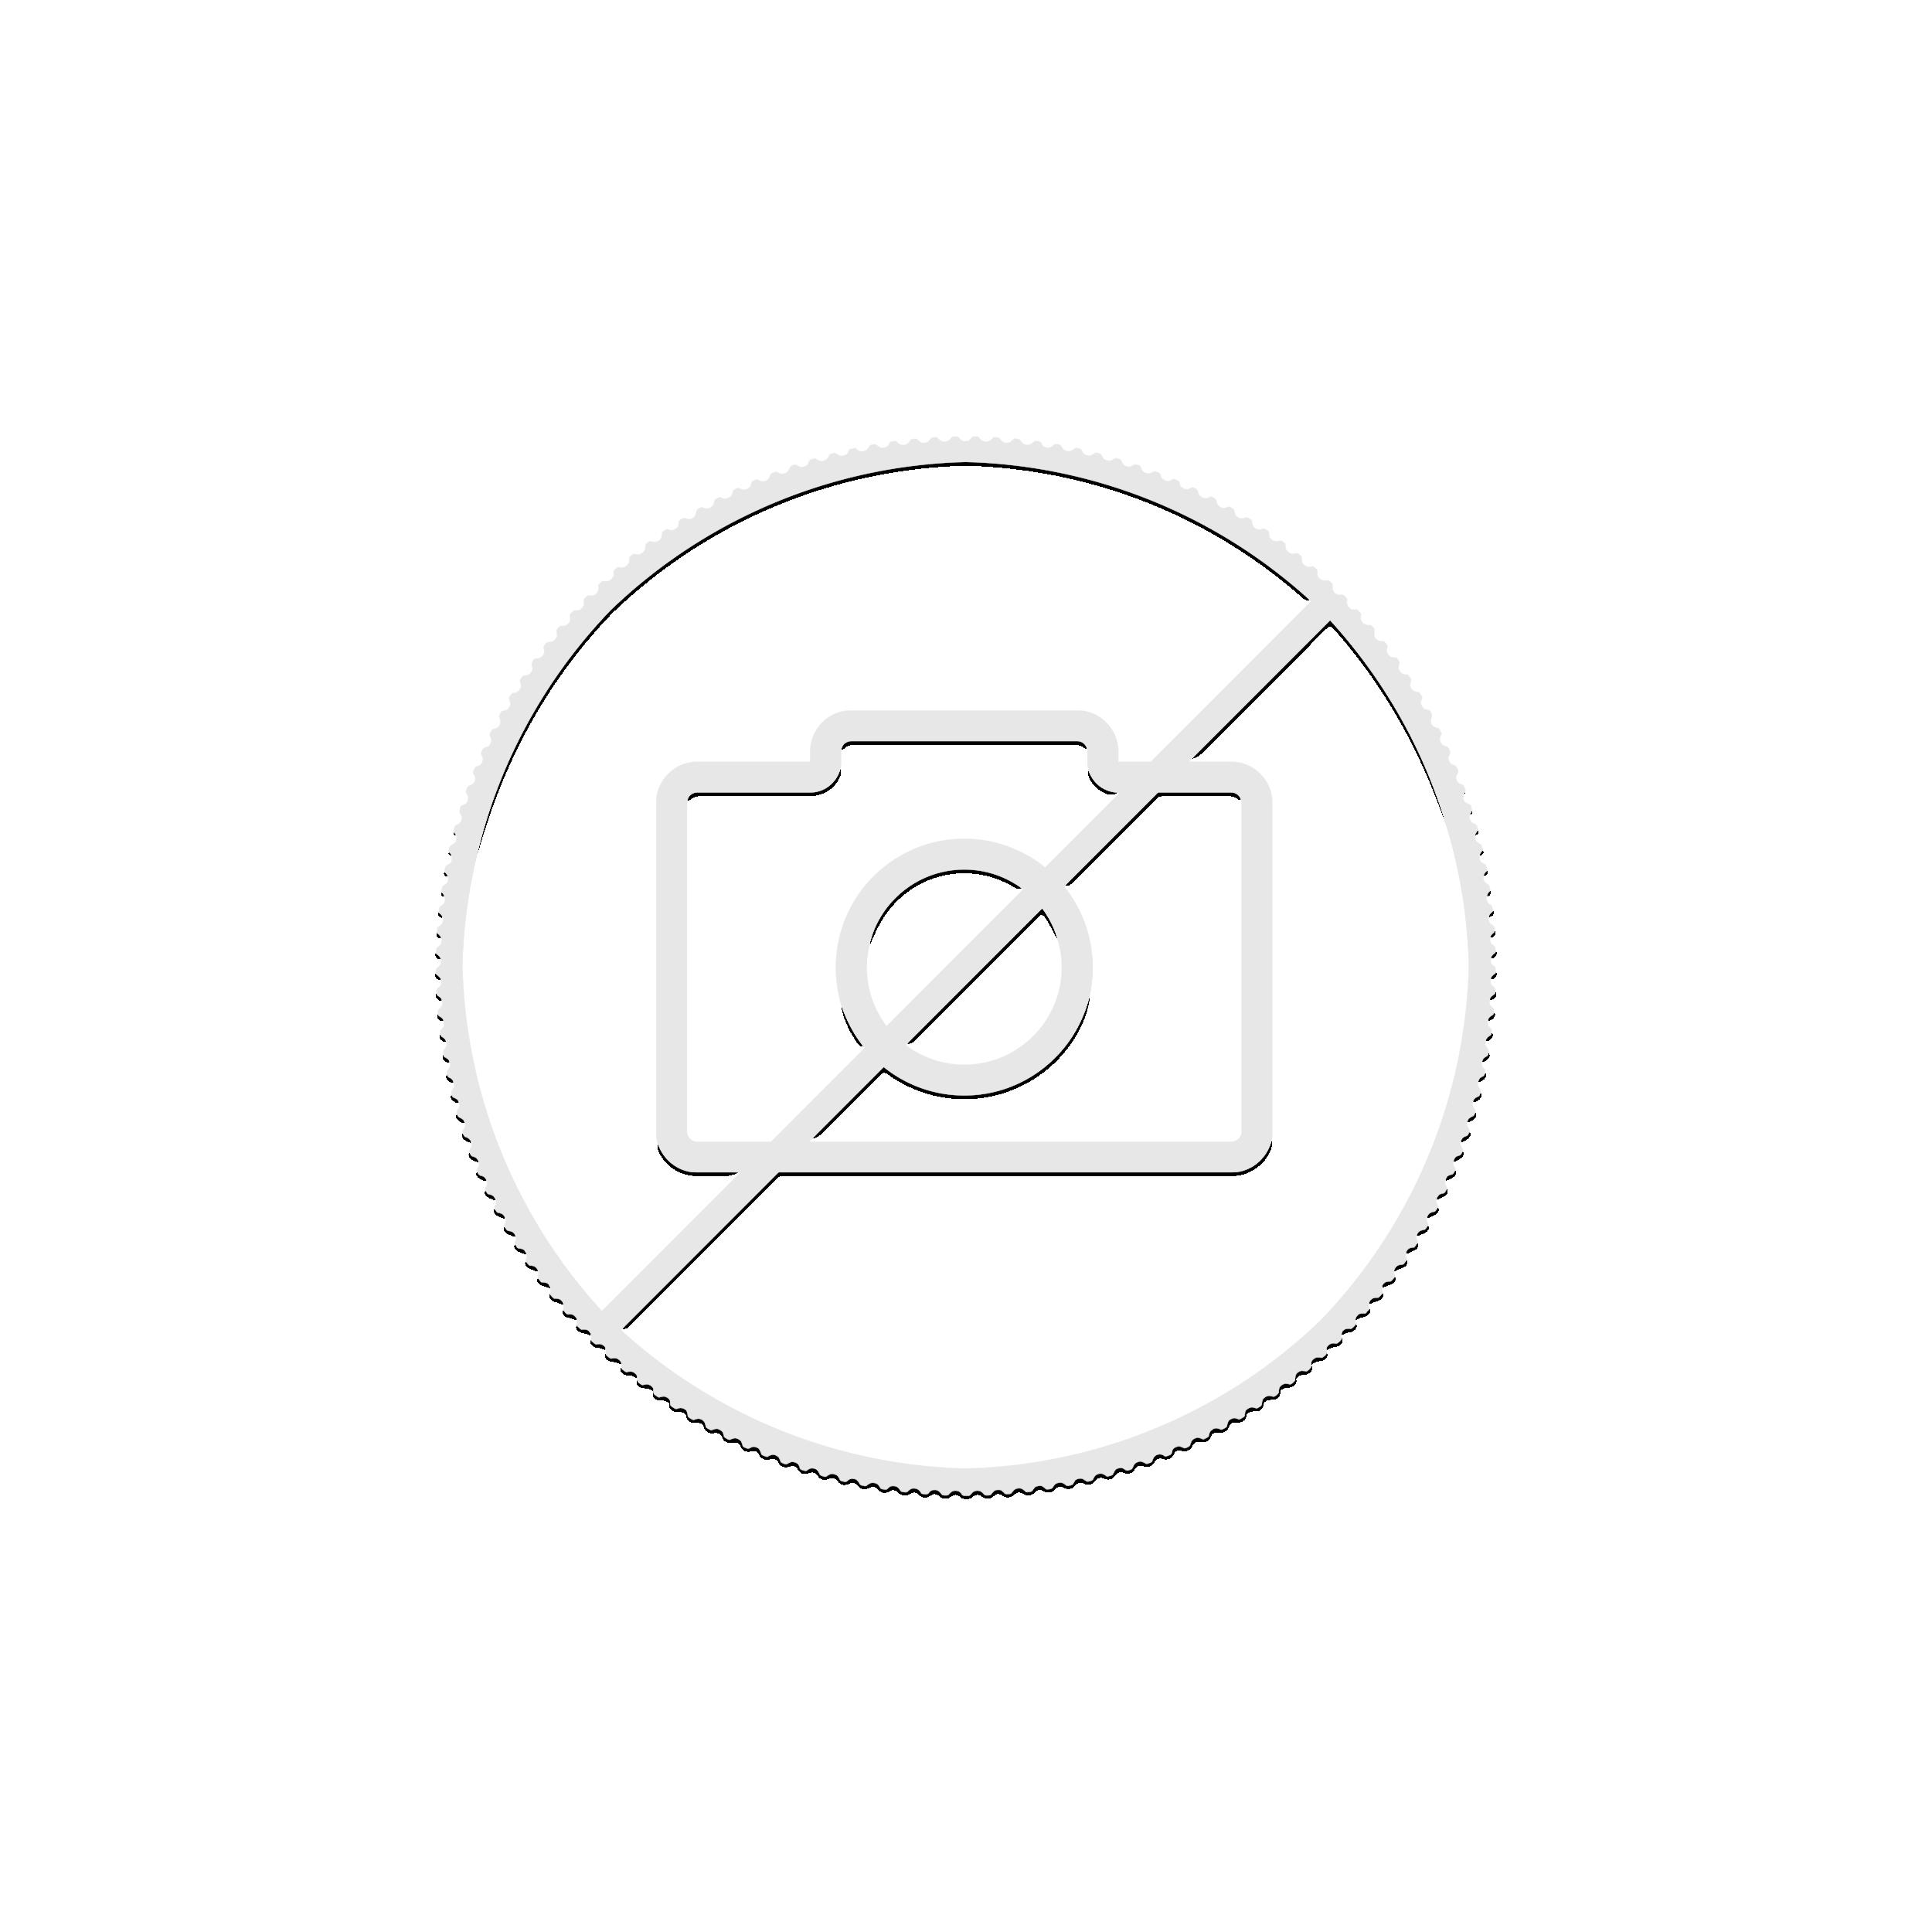 Zilveren munt Chinese mythen en legendes dragon gekleurd 2021